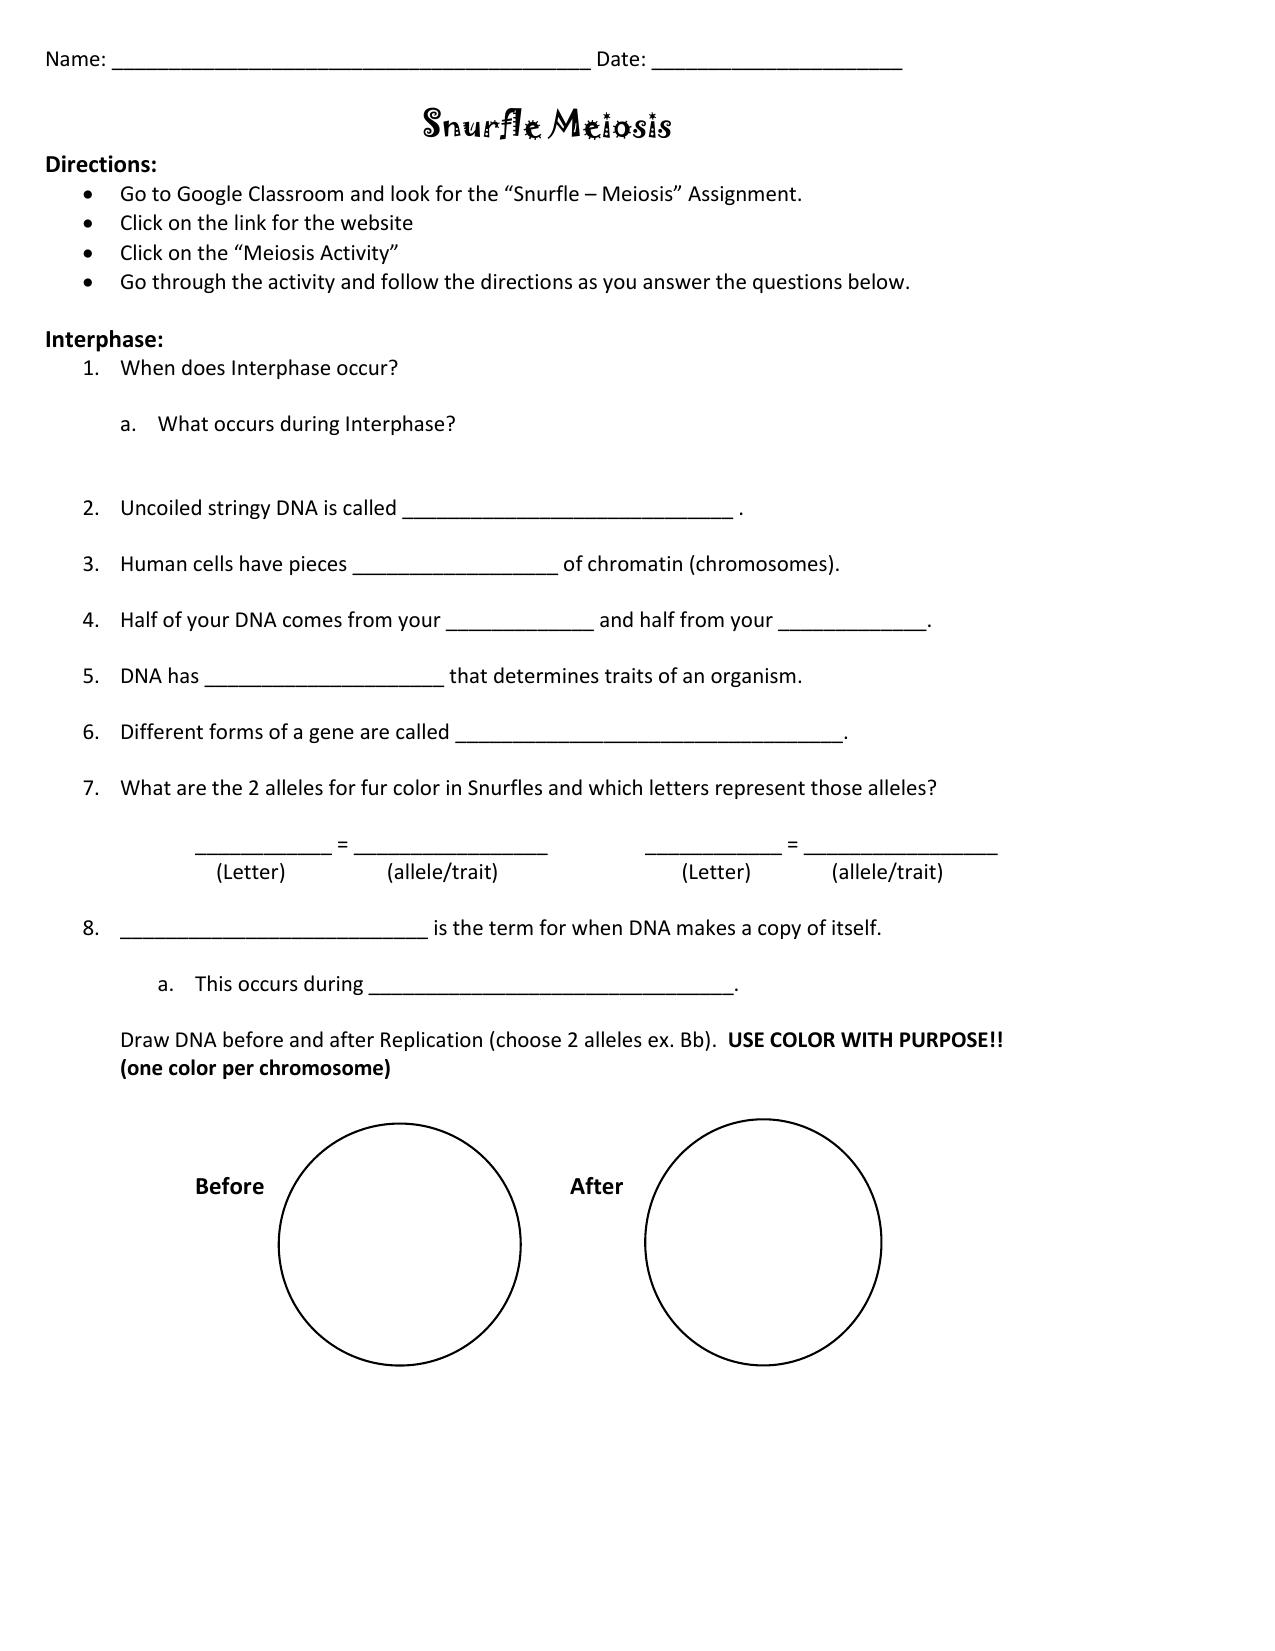 Snurfle Meiosis Worksheet Answers